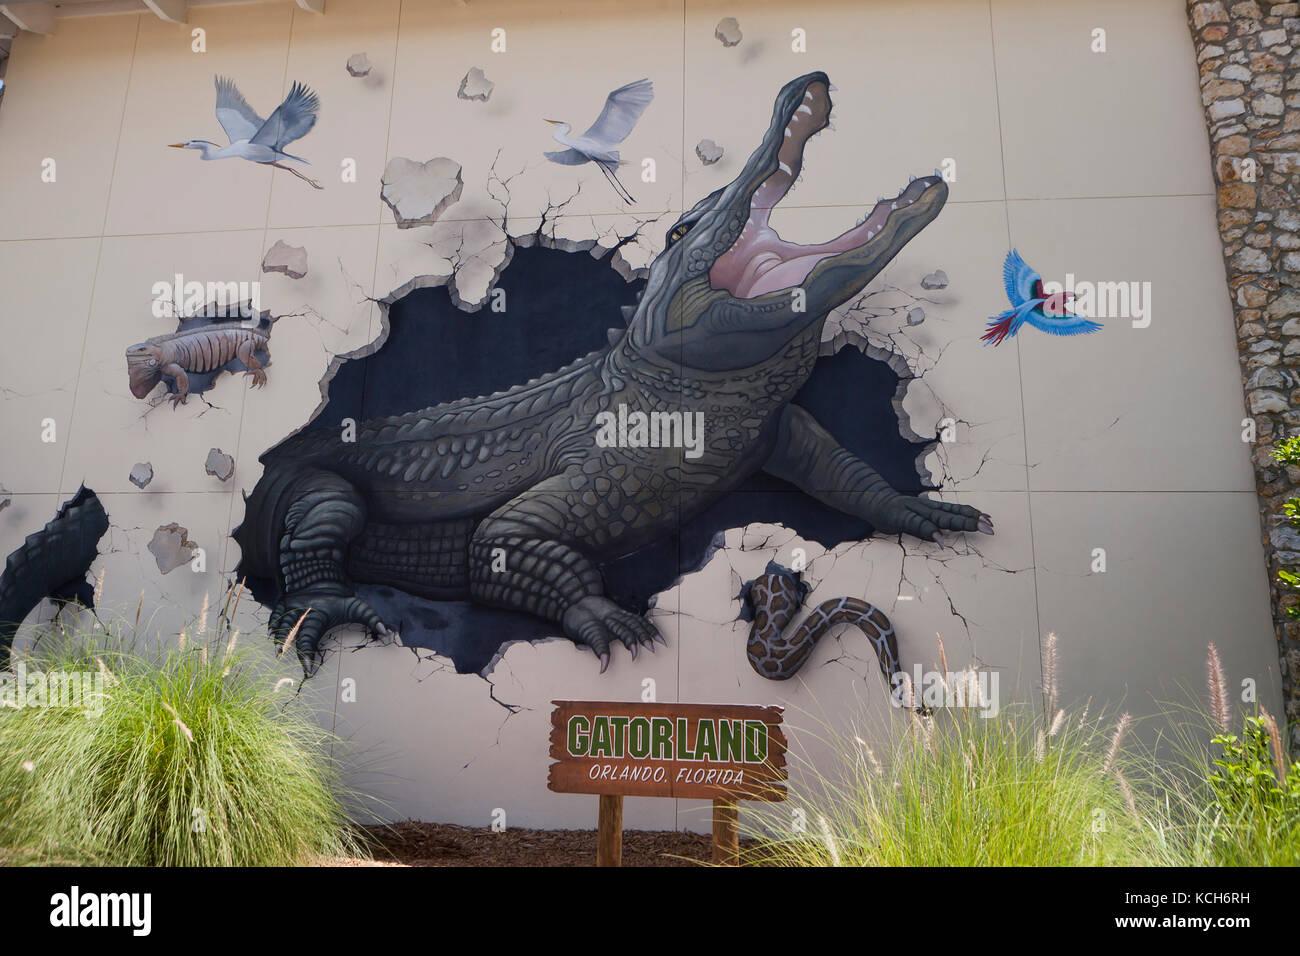 Gatorland entrance - Orlando, Florida USA - Stock Image